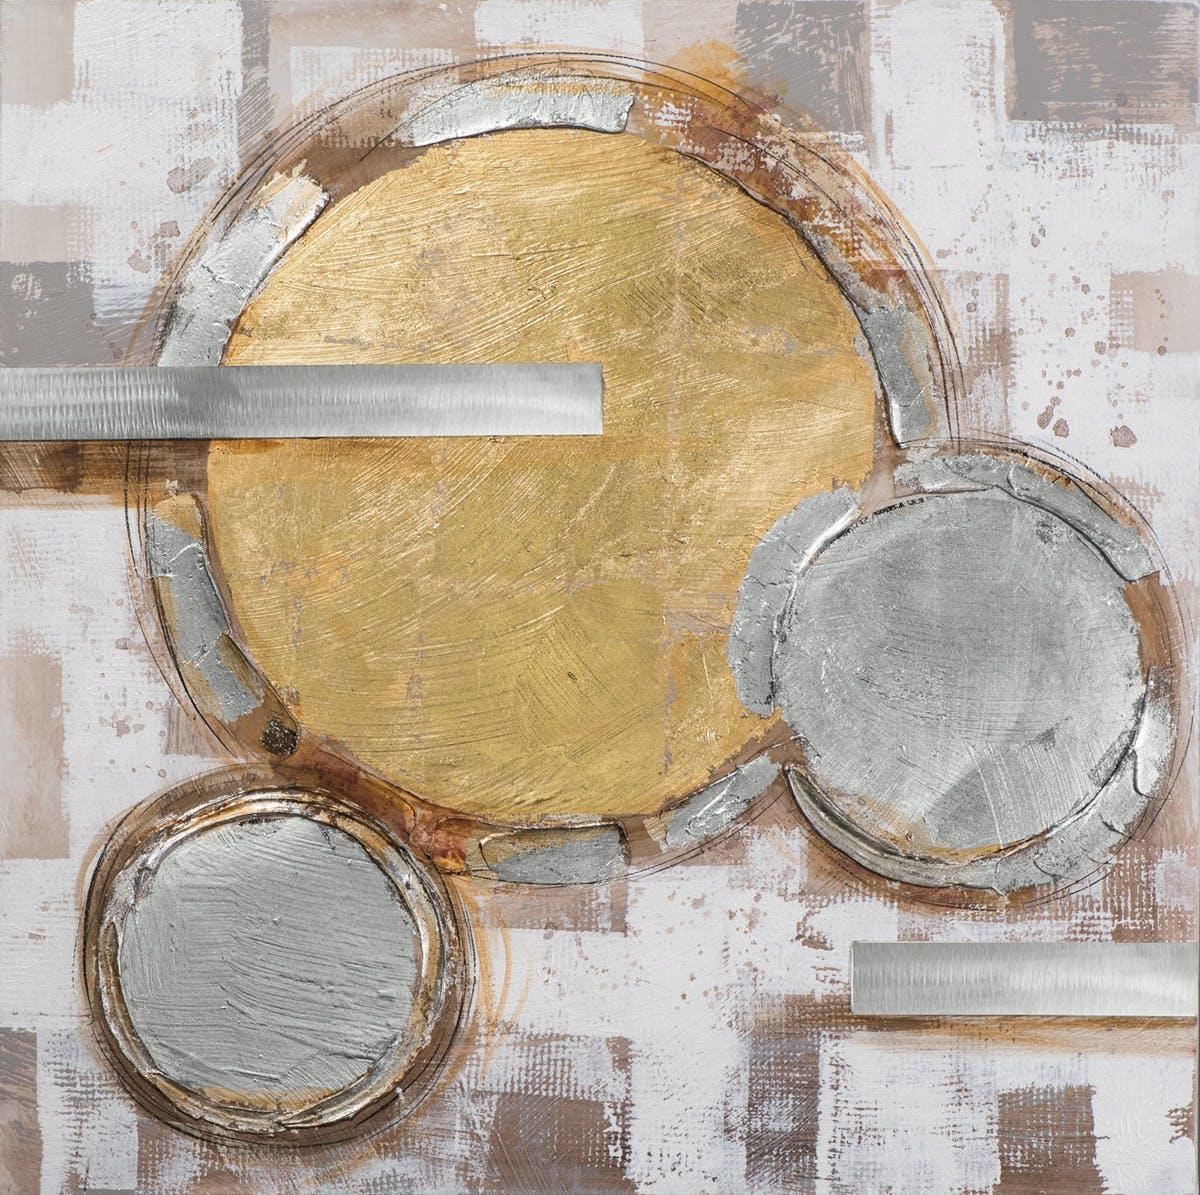 Tableau Abstrait 100x100 Argenté Doré. Ajout d'éléments métal en relief. Peinture acrylique et feuilles métal